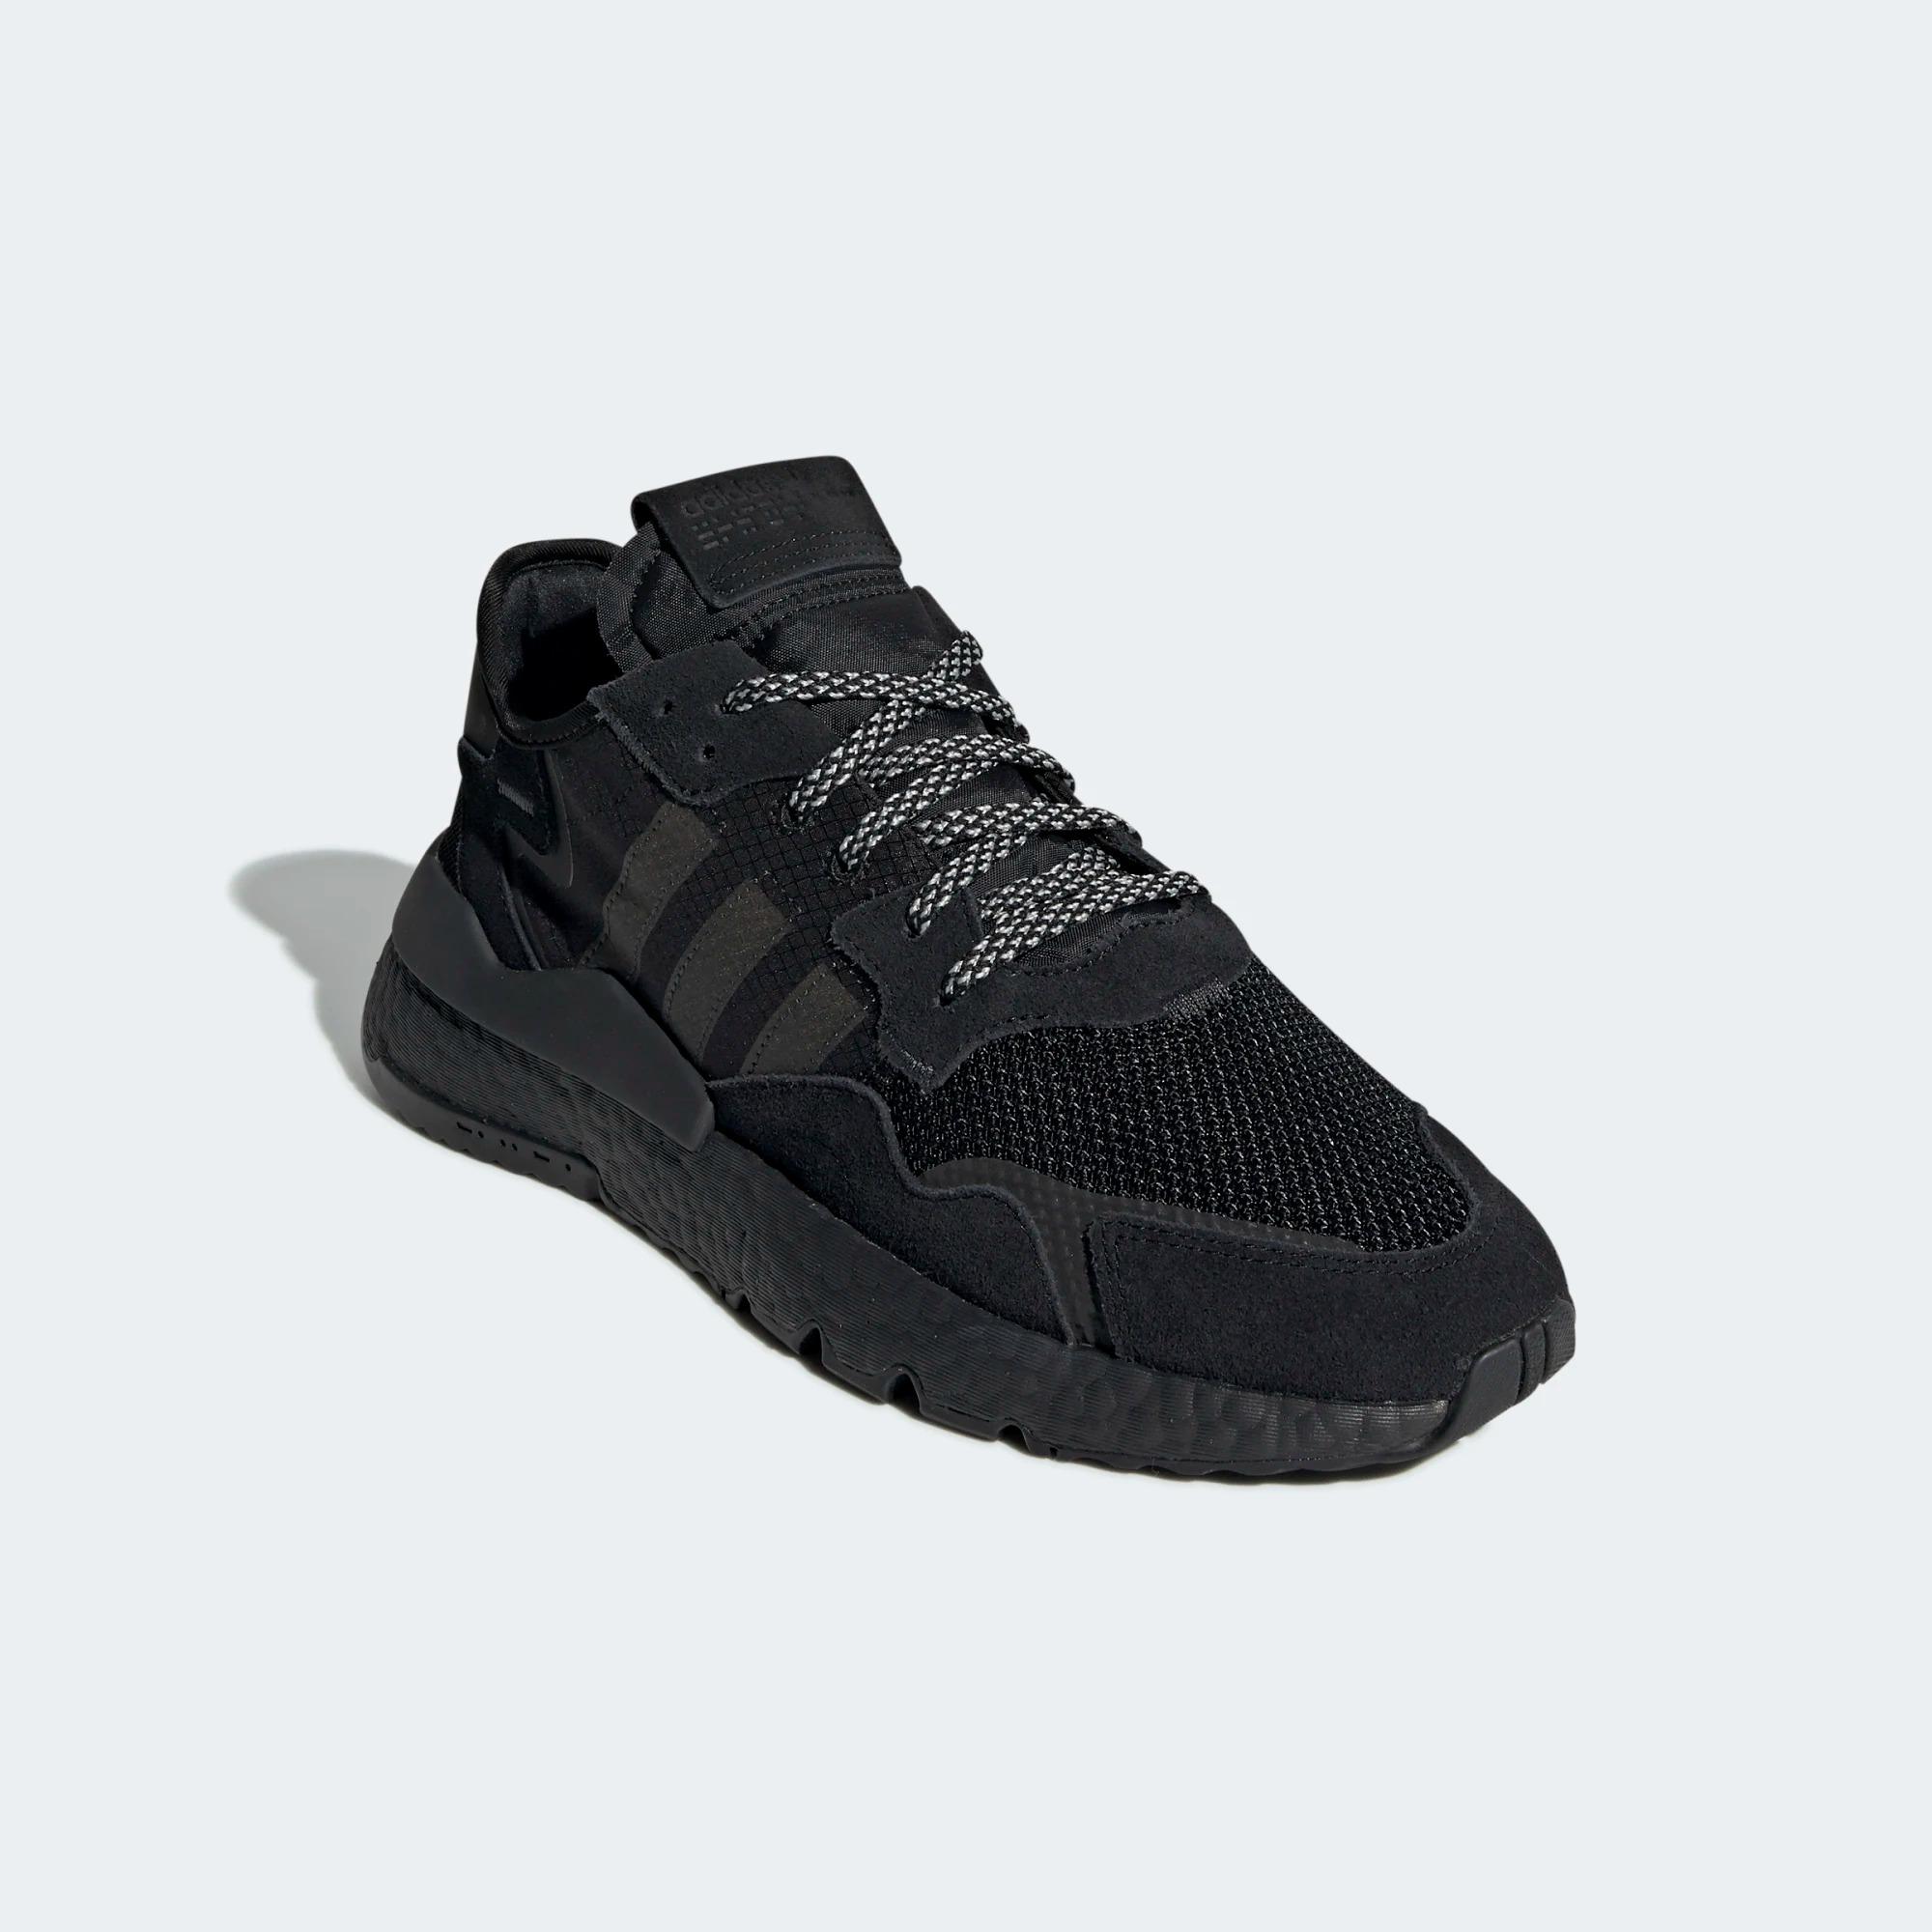 BD7954 adidas Nite Jogger Triple Black 4